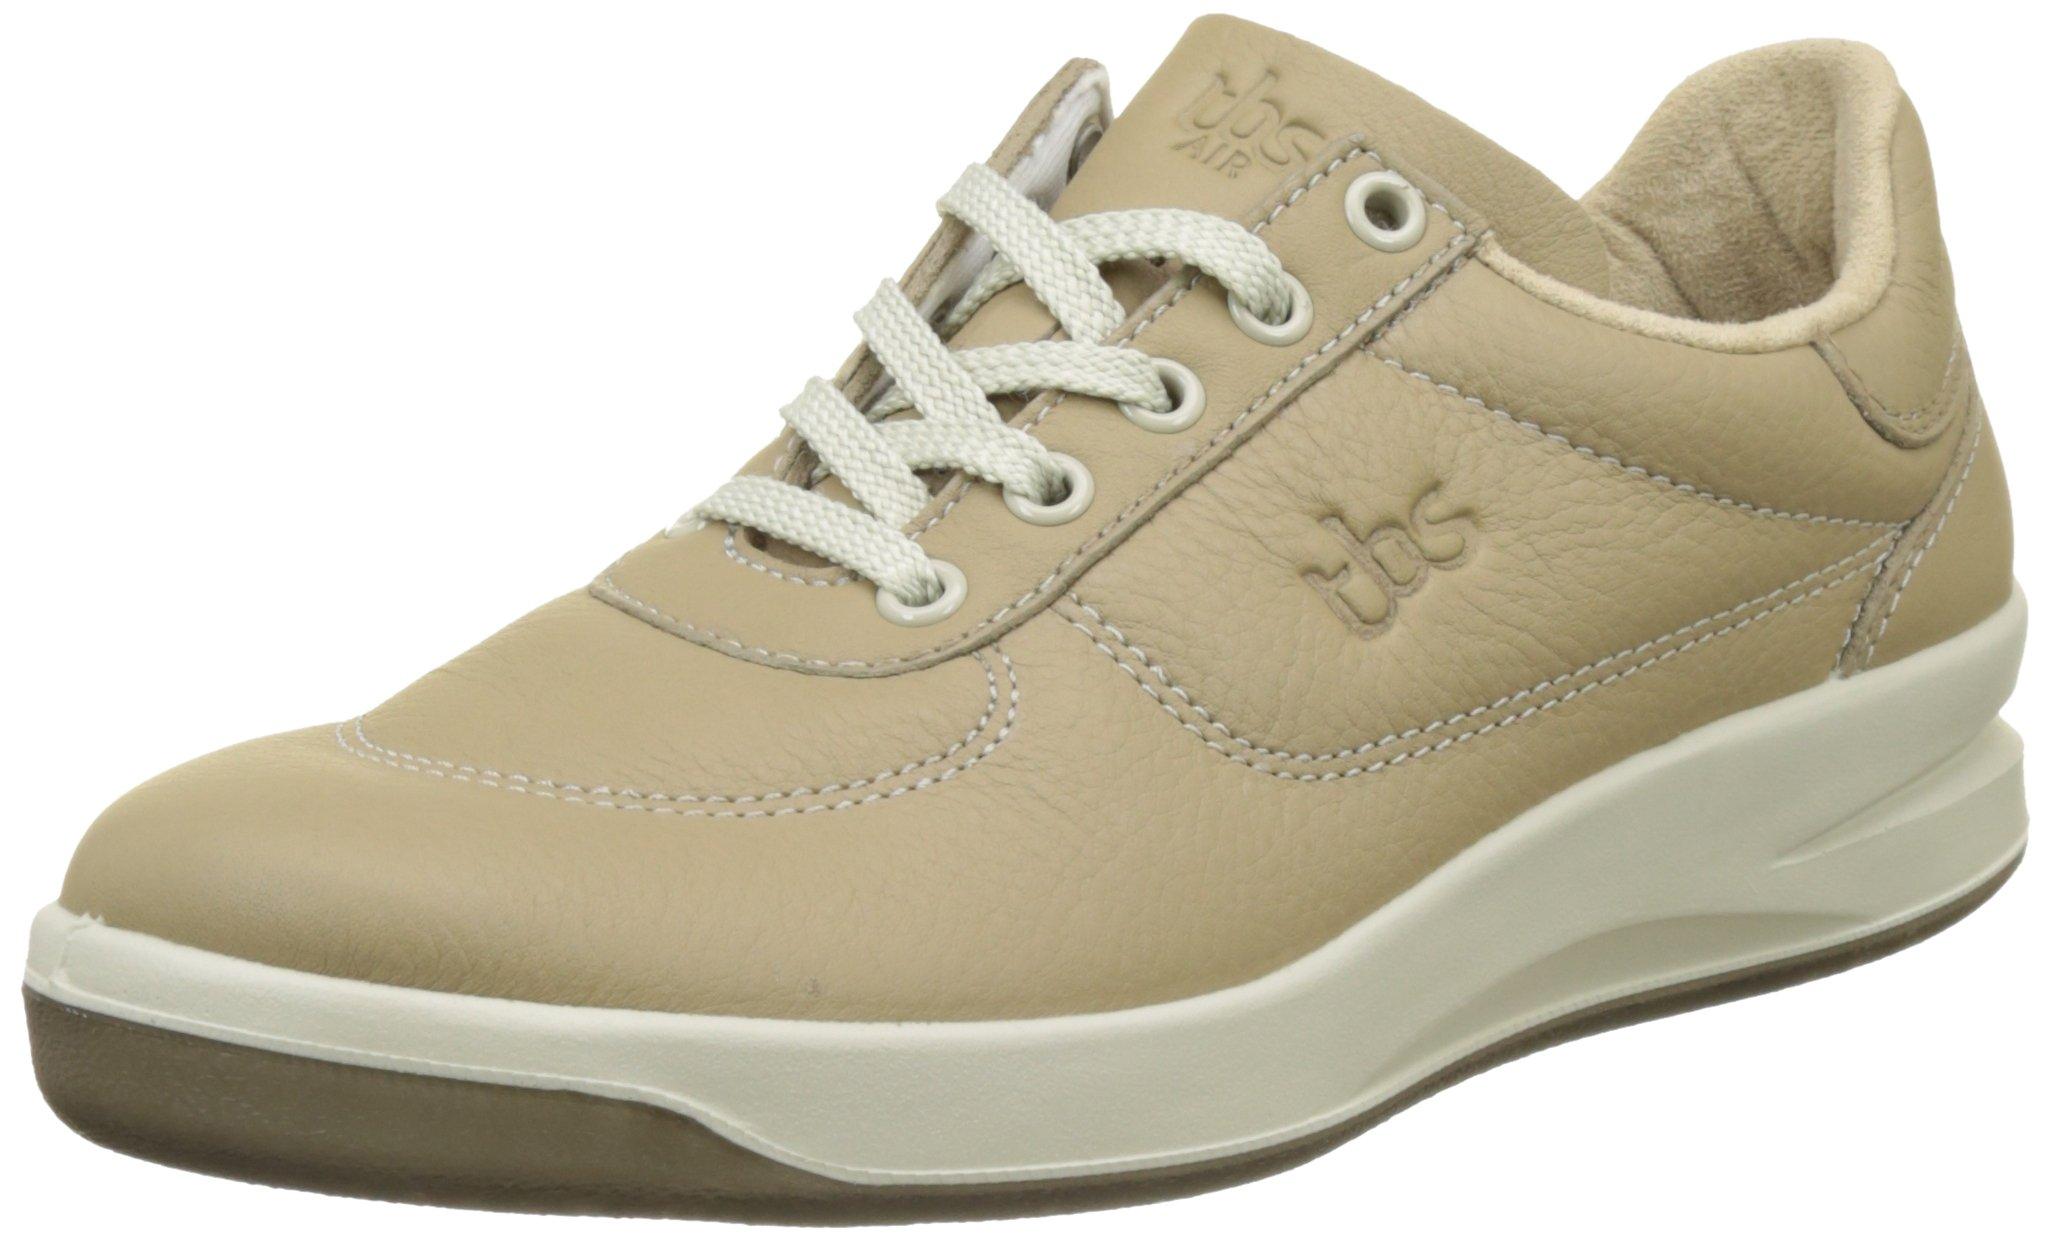 a0697a8a7f164 Top Chaussures de sport en salle selon les notes Amazon.fr